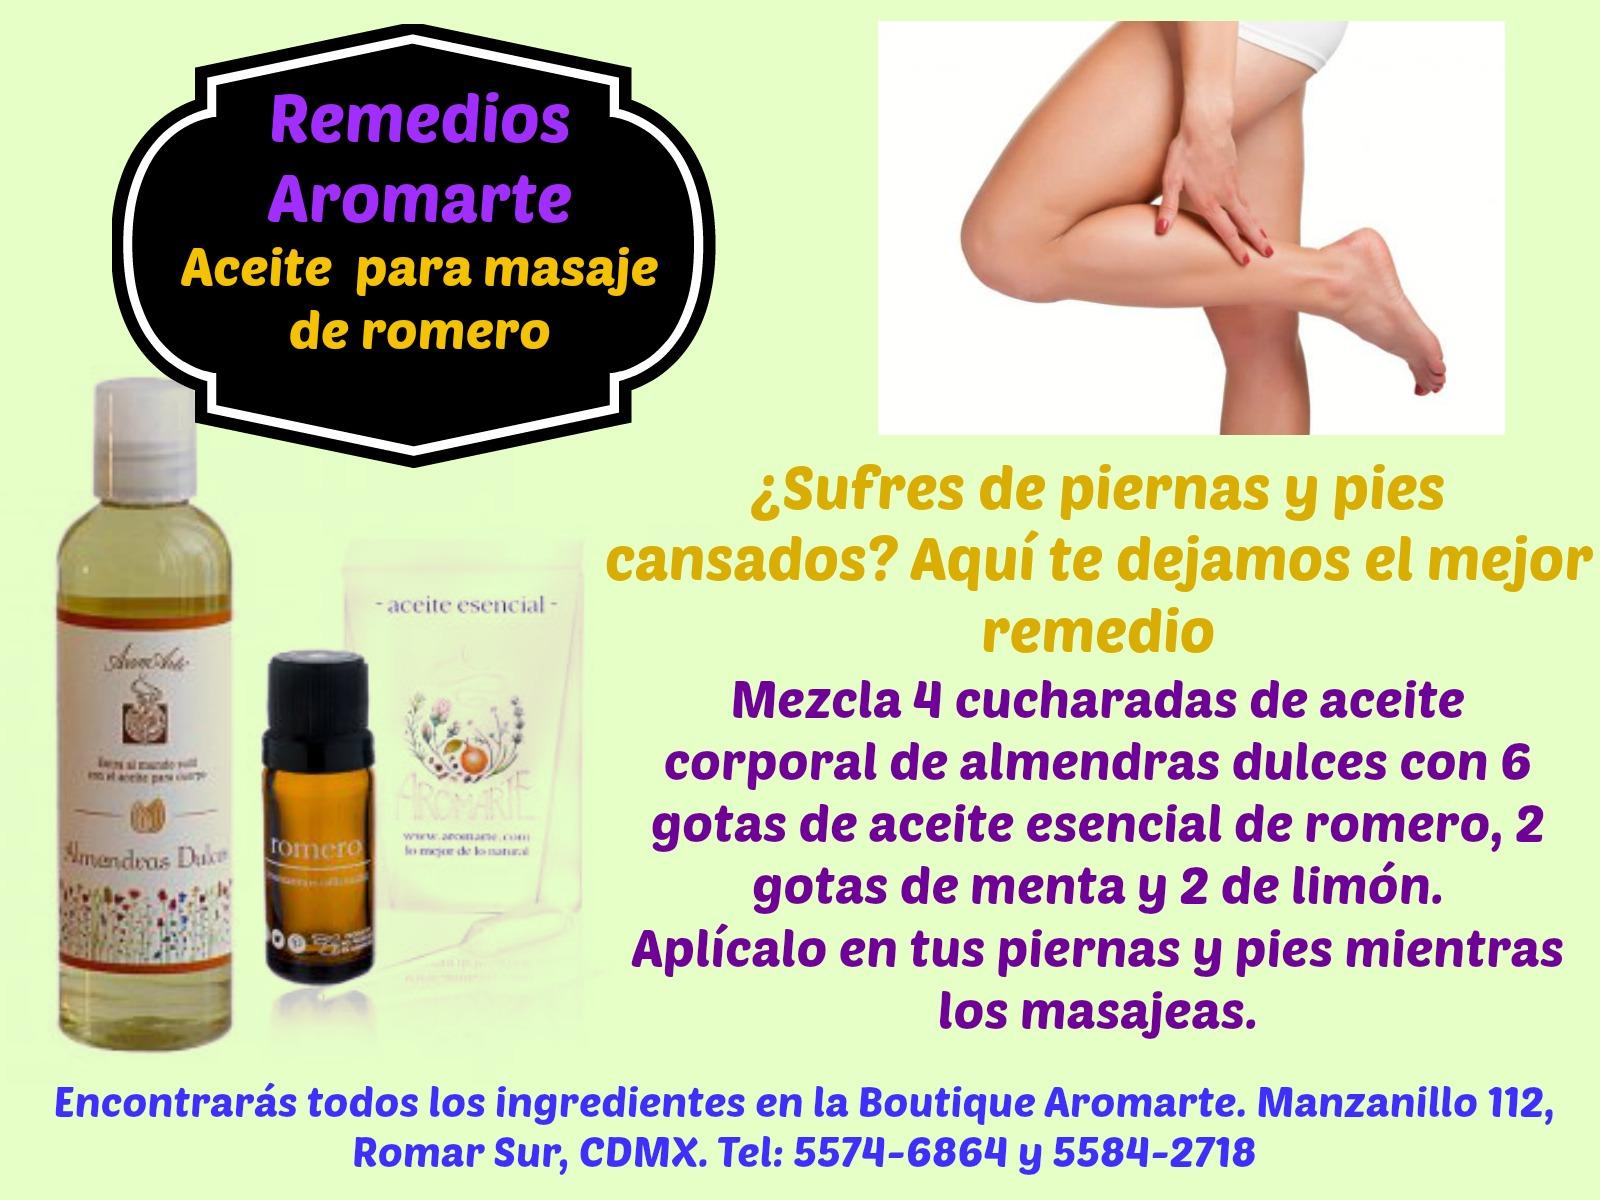 Tip Aromarte. Solución a piernas cansadas con aceite aromático para masaje. Manzanillo No. 112, Roma Sur, esq. Tepic. ventas@aromarte.com para pedidos en línea. Llévamos a todo México.